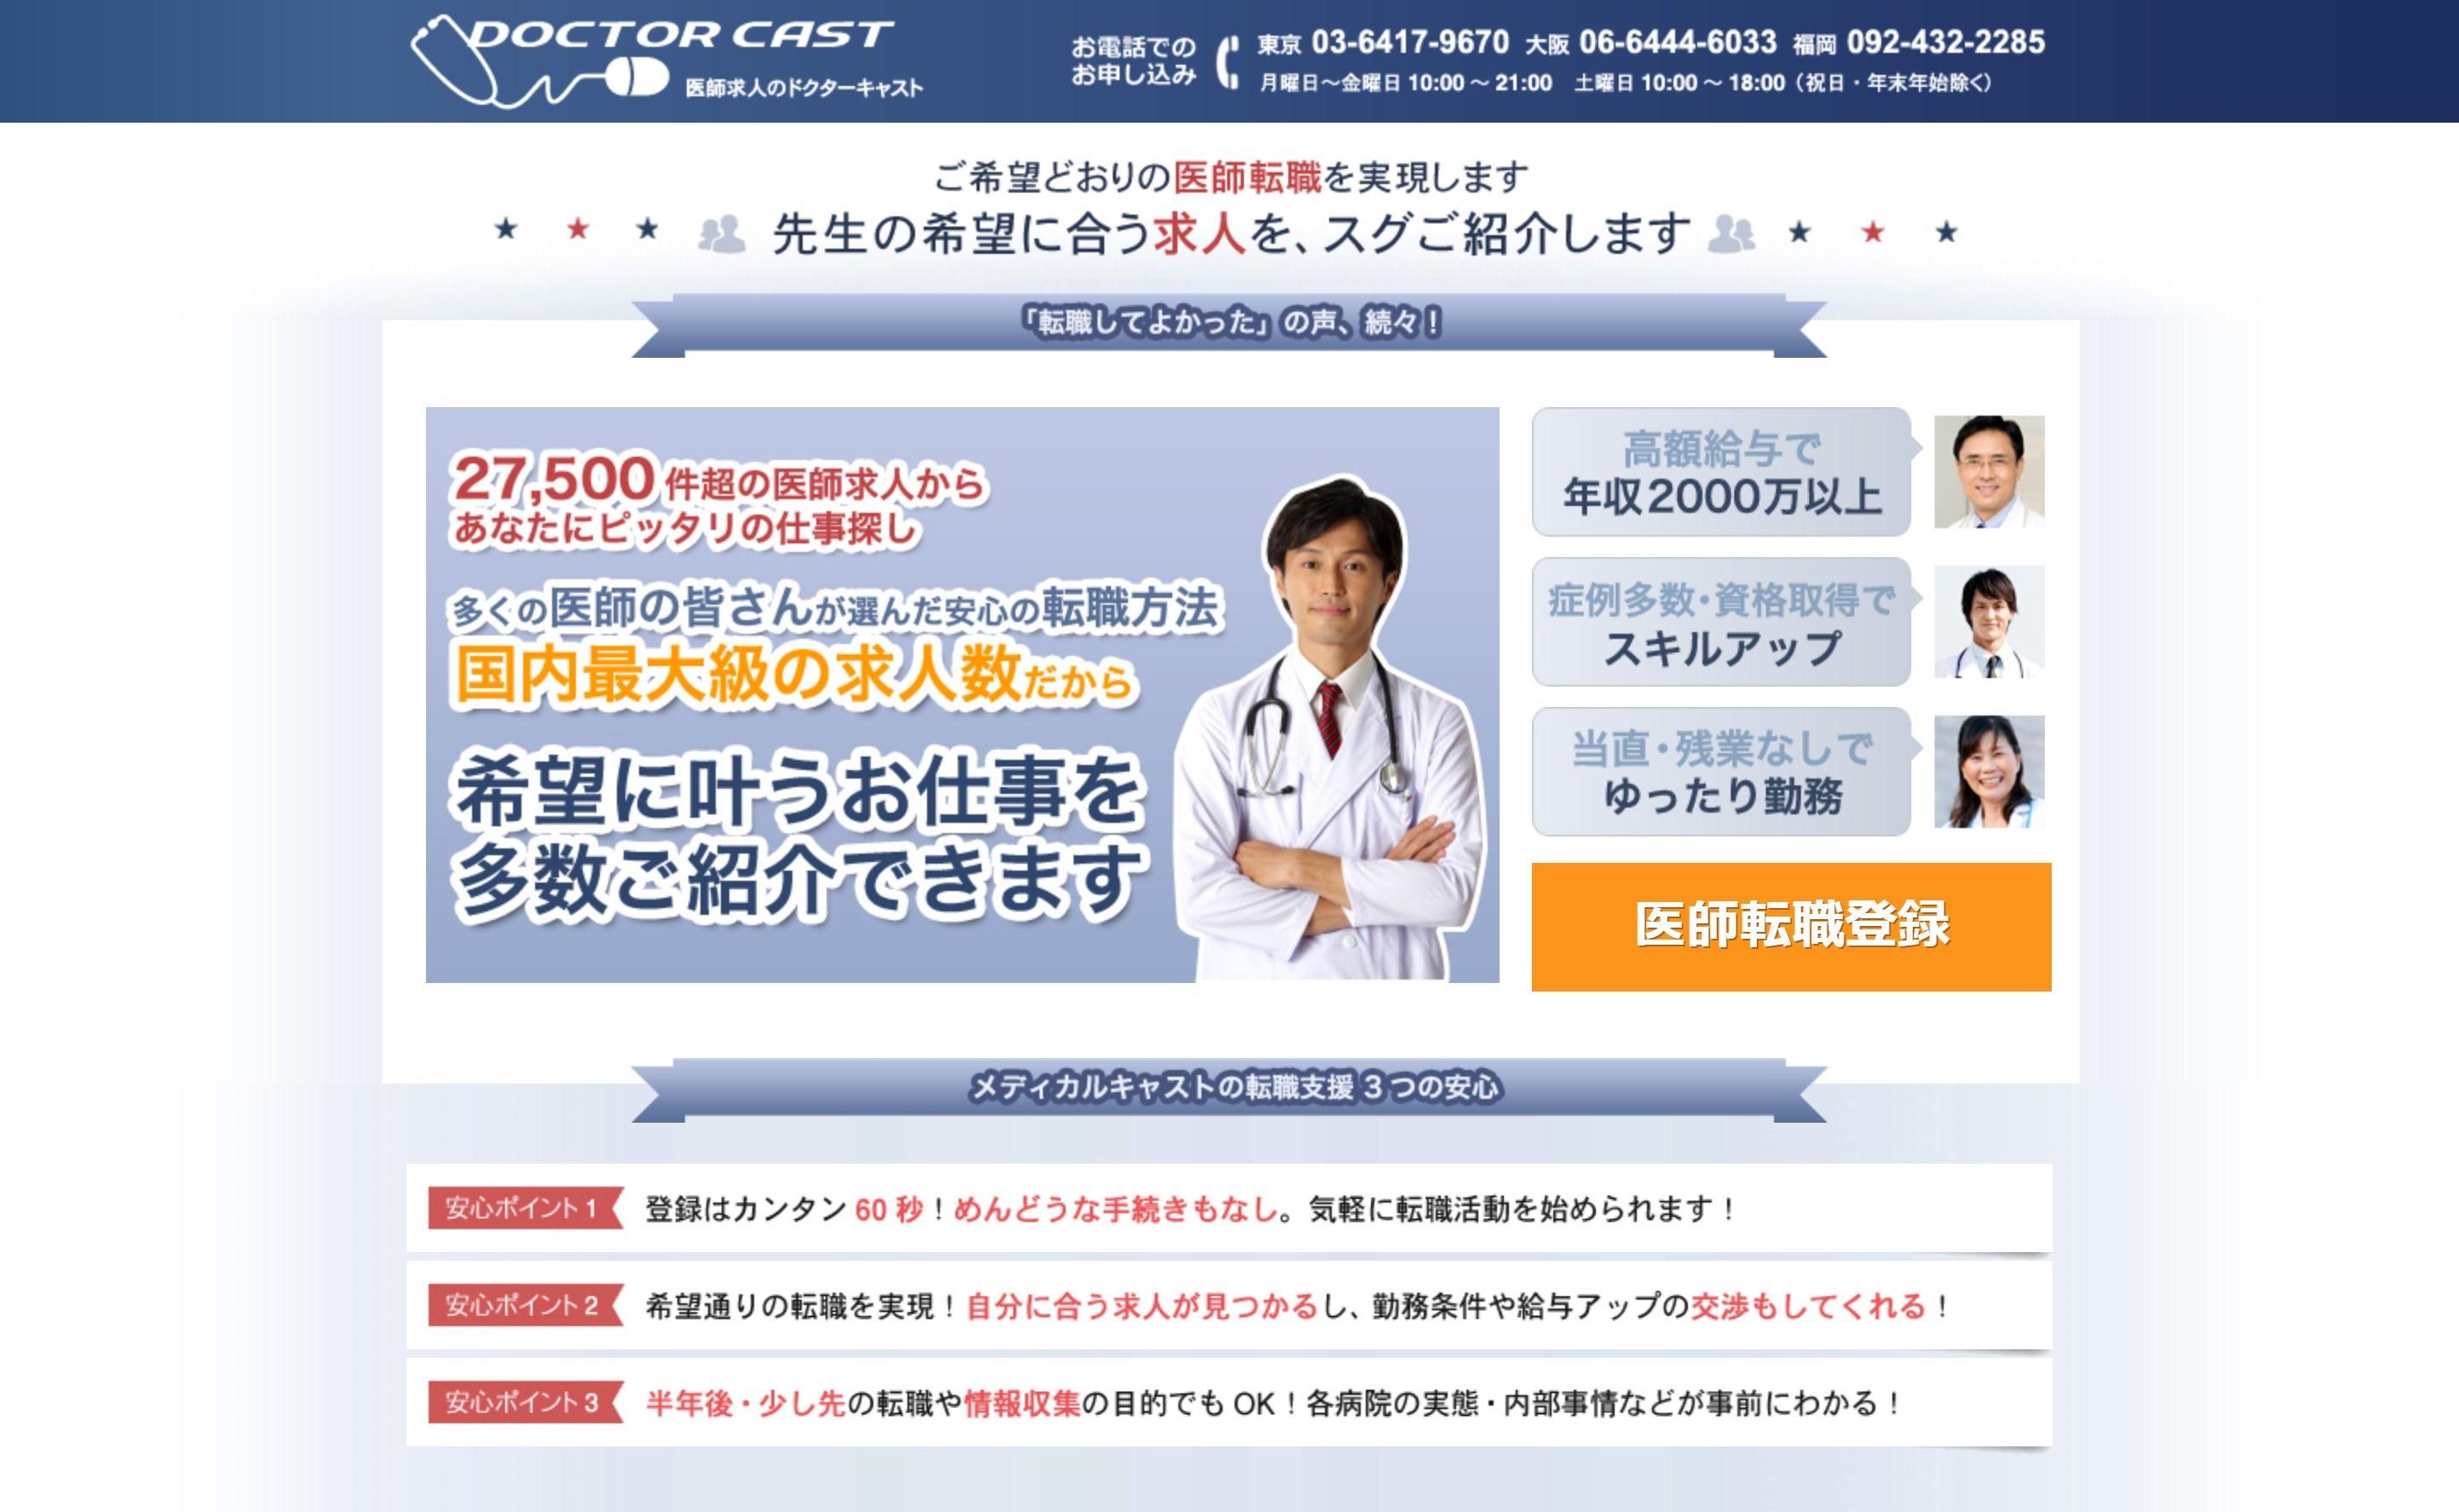 サイト 医師 転職